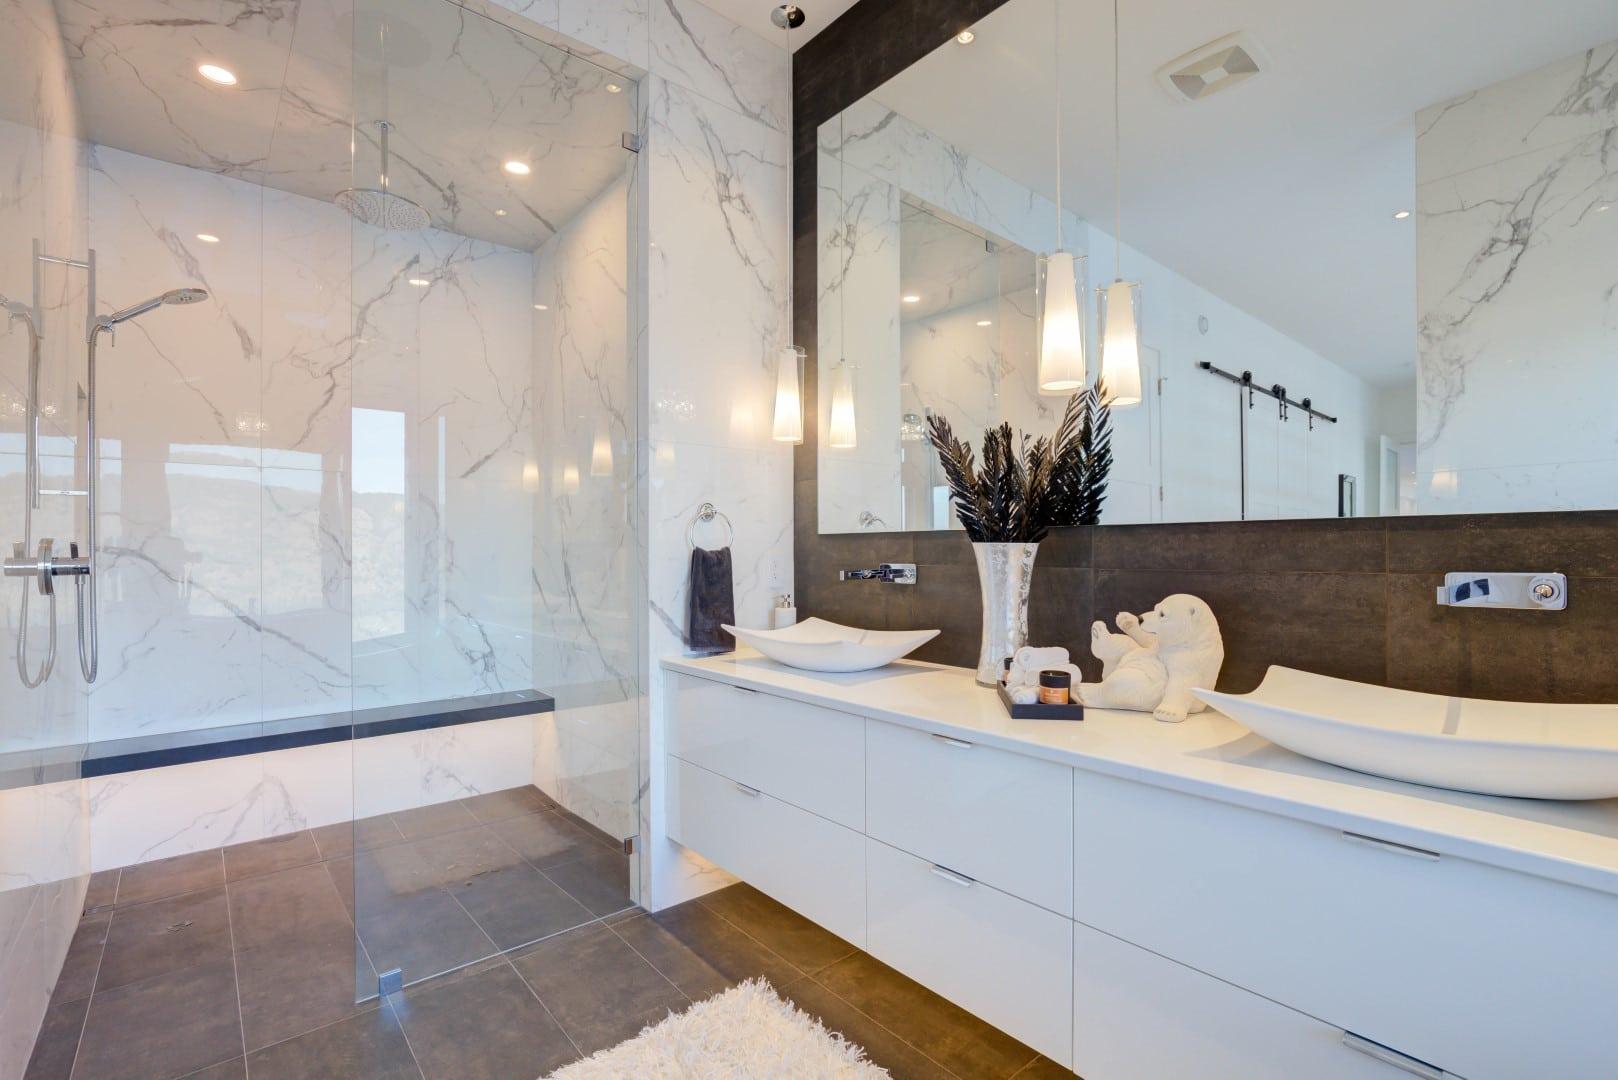 Wilden Purkis Lot84 (35), Tiled bathroom, floor to ceiling